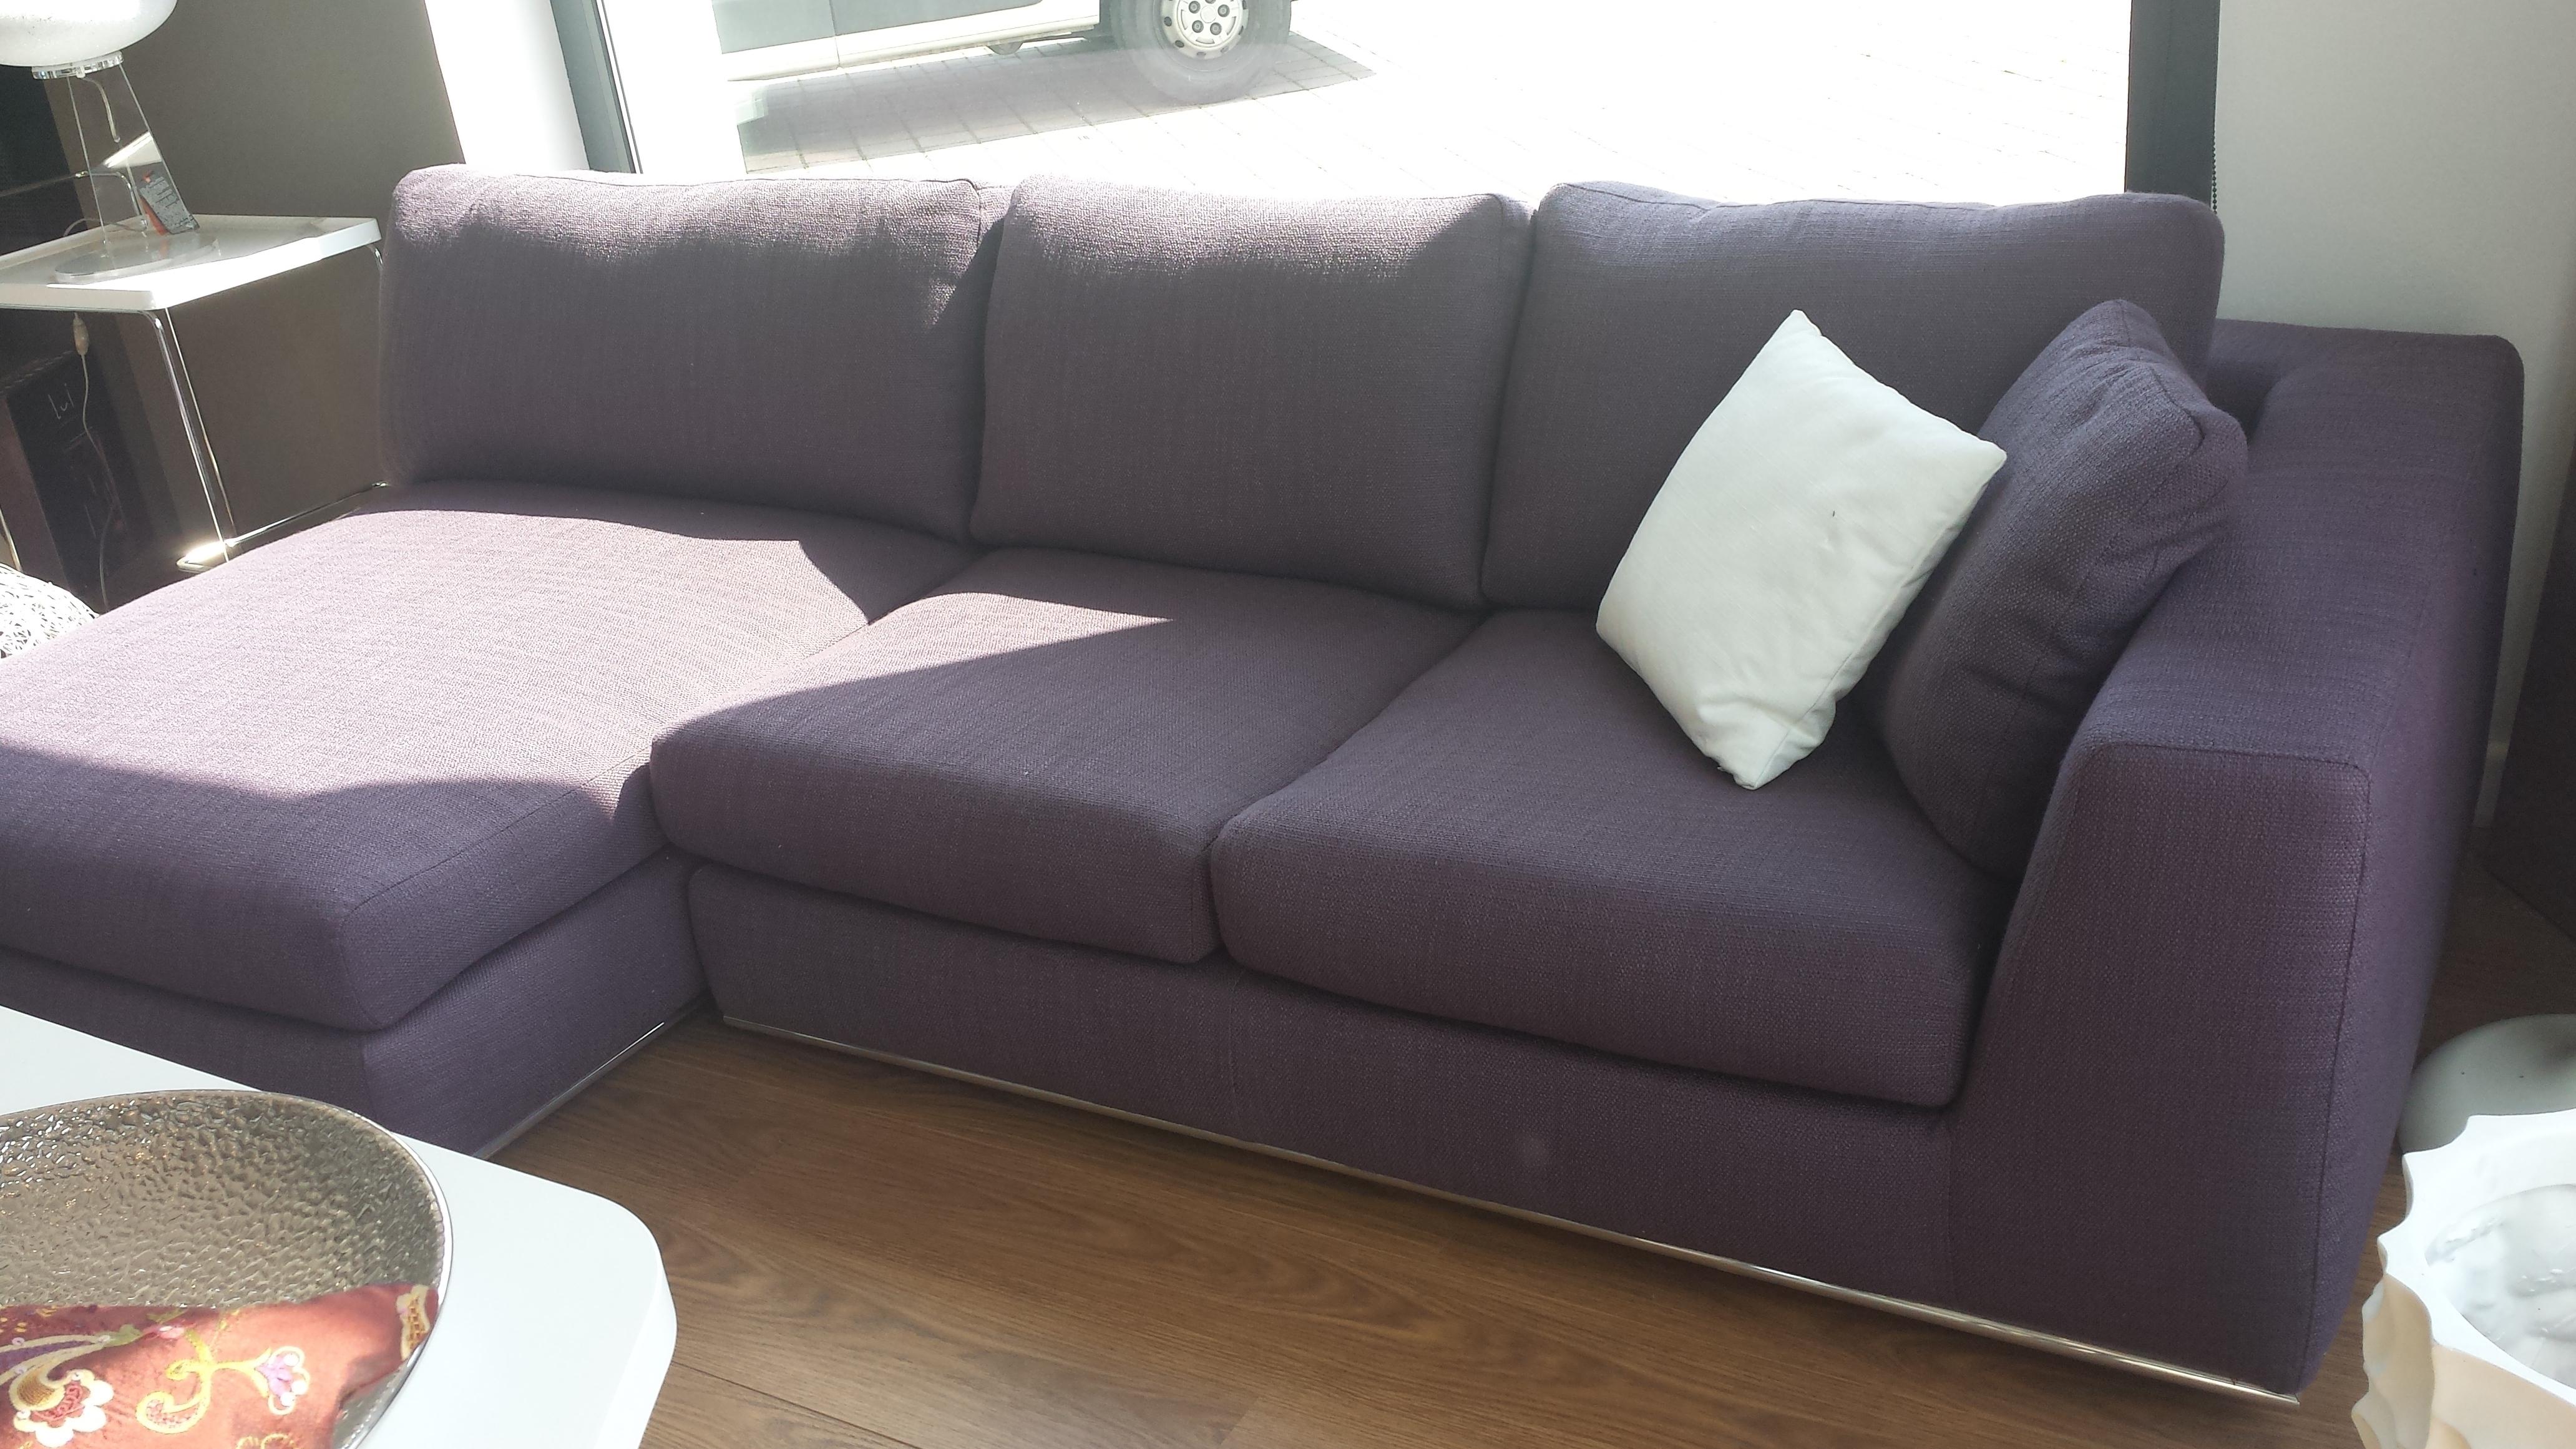 Divano salvetti prugna scontato del 40 divani a - Divano color prugna ...